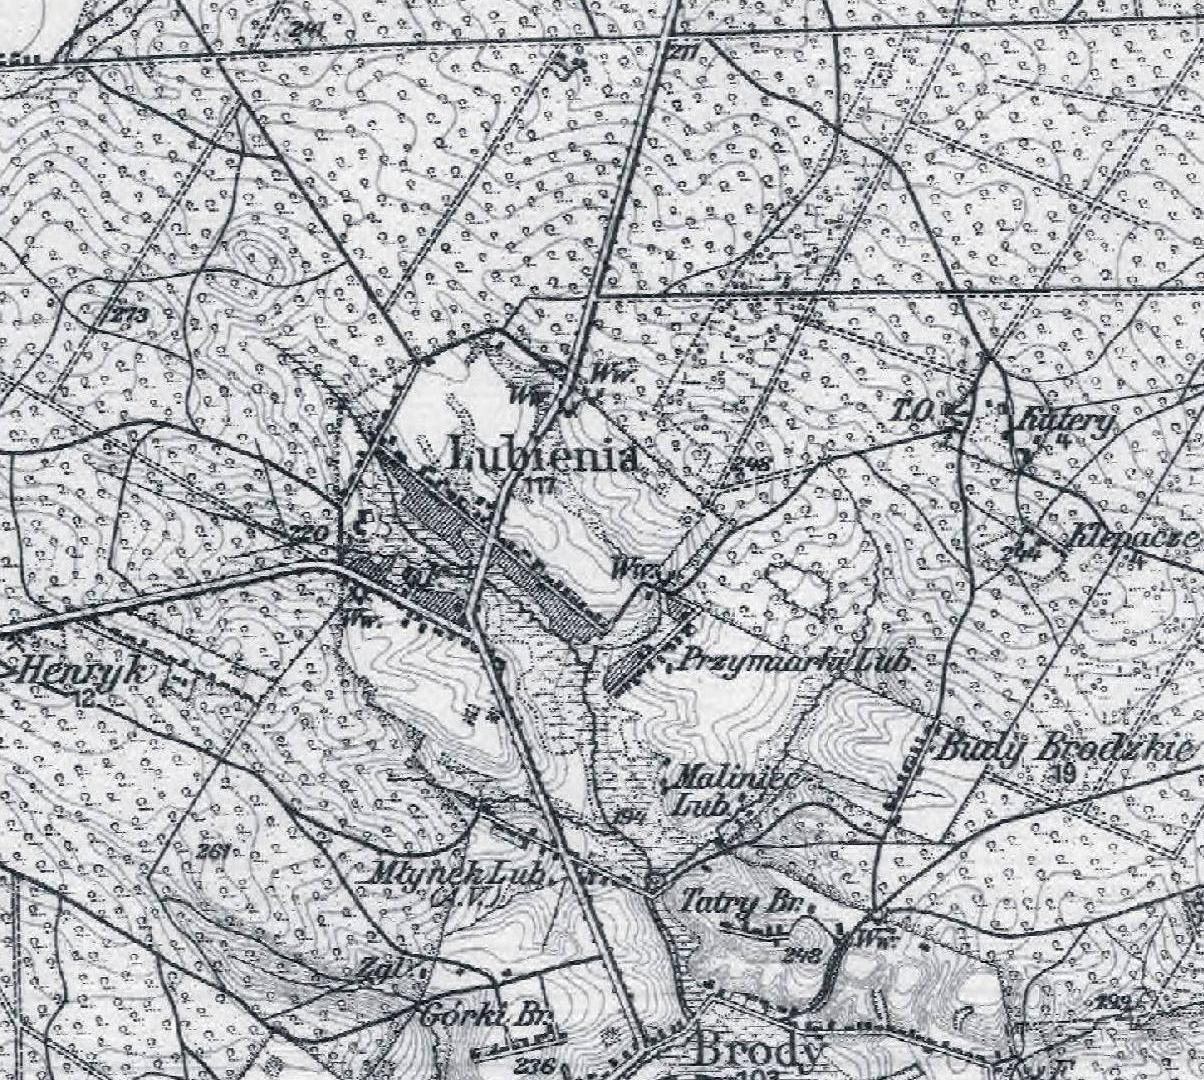 1914-mapa-historyczna-brody-lubienia-swietokrzyskie-c.JPG